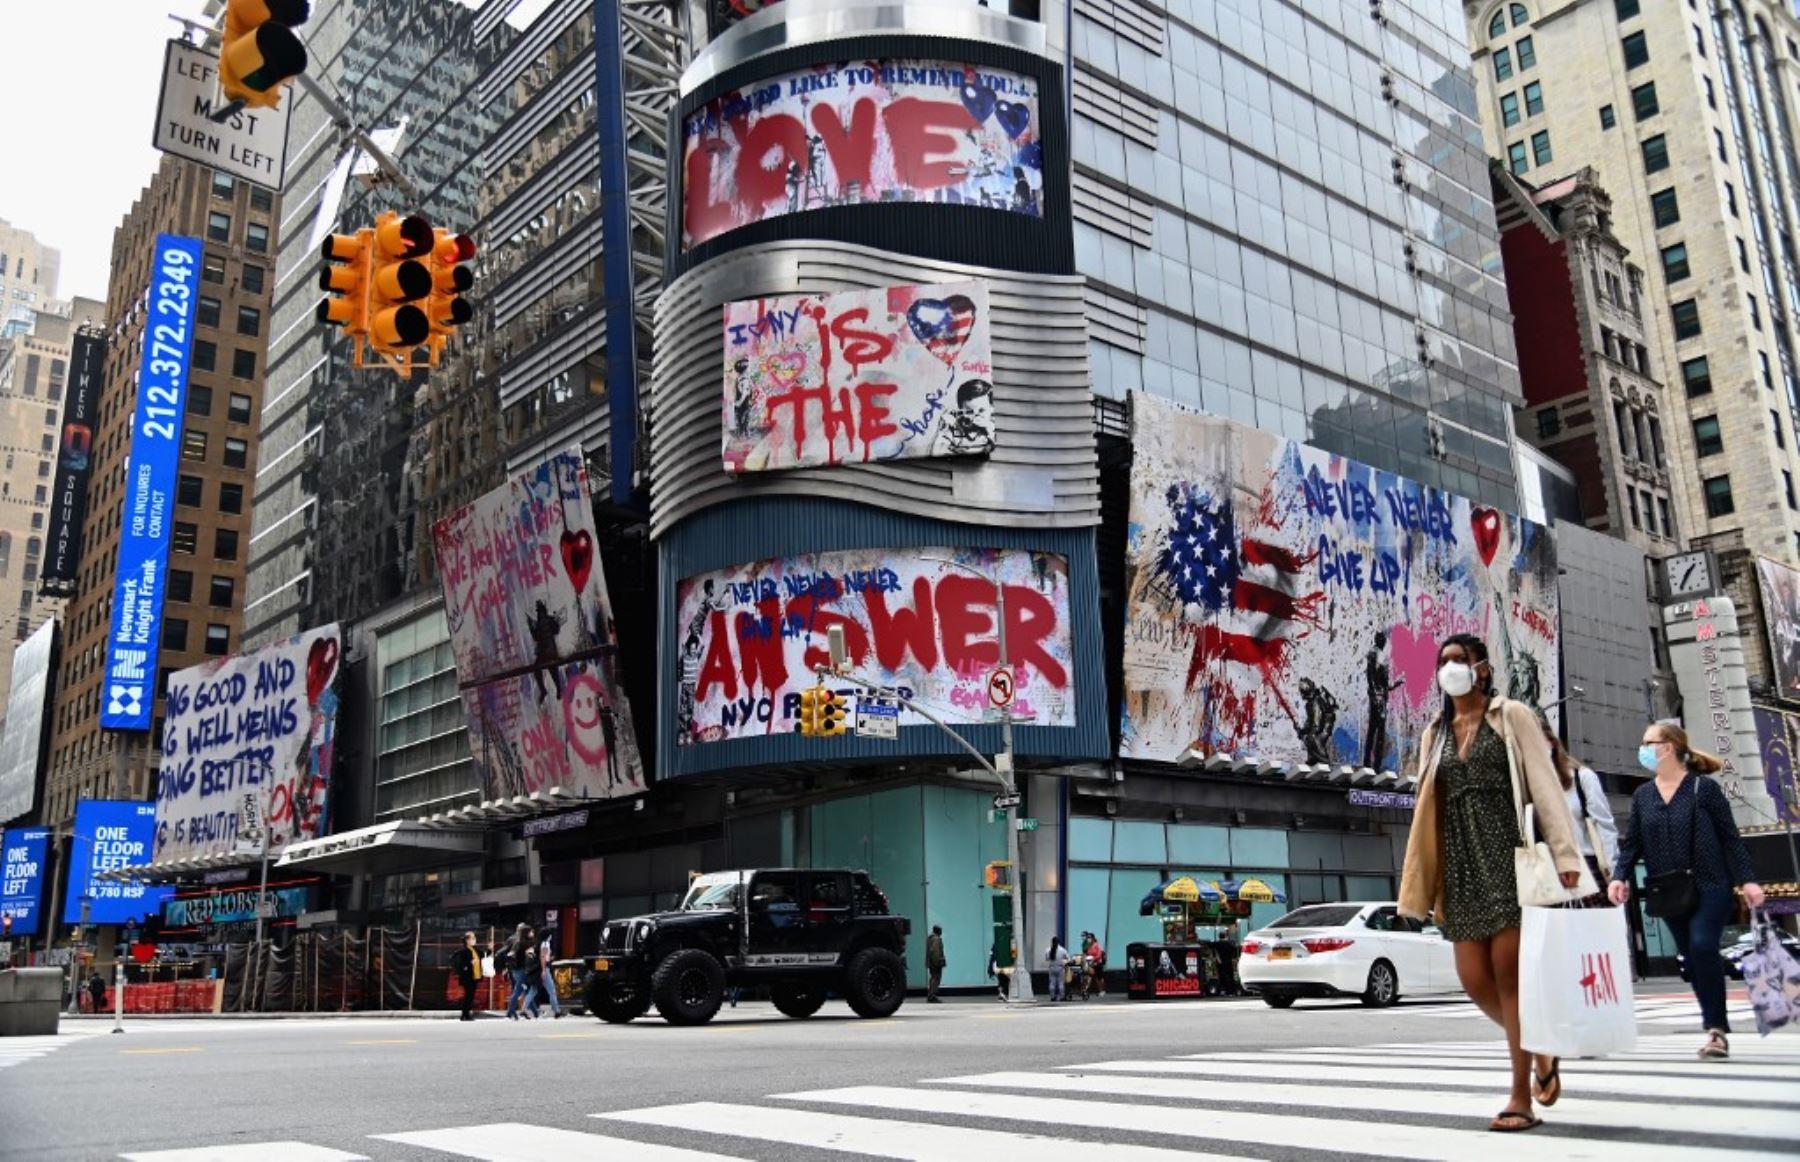 Poca gente pasa junto a una valla publicitaria cerca de Times Square en la ciudad de Nueva York, debido al covid-19.Foto:AFP